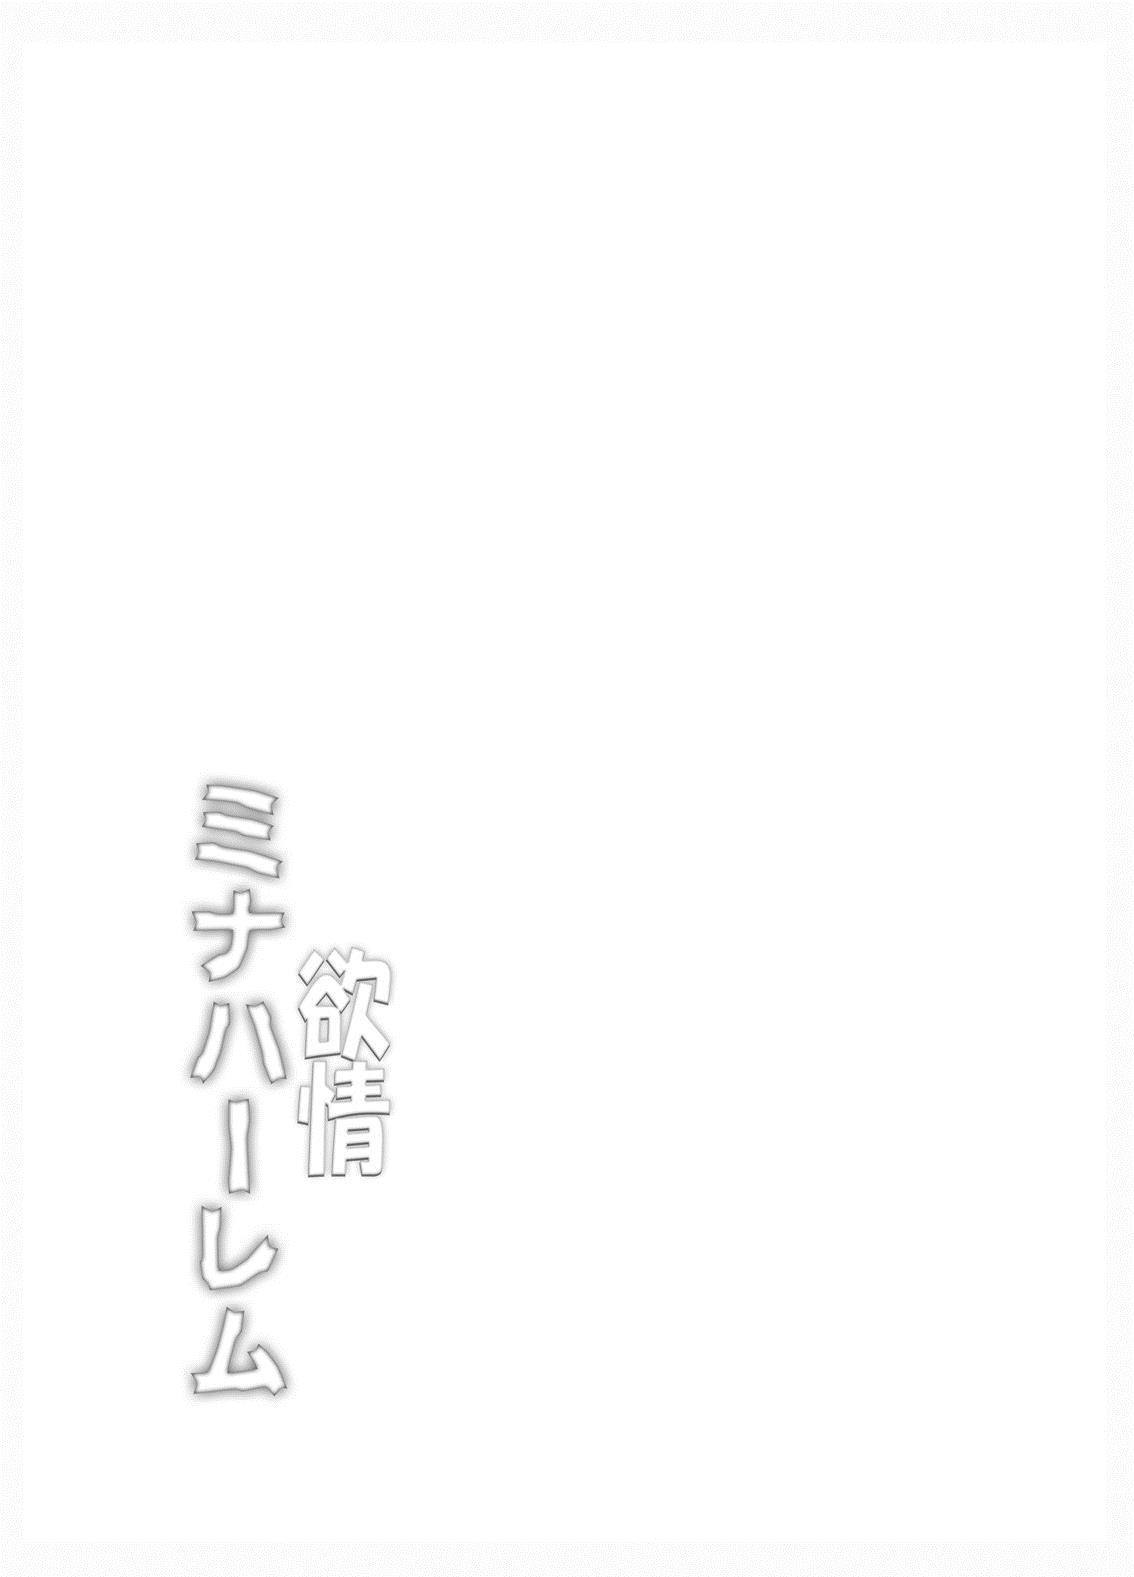 【エロ同人誌 ドラクエⅪ】女性陣を全員嫁にしてハーレムwwwネルセンに頼んでみんなを嫁にwww【無料 エロ漫画】 (3)